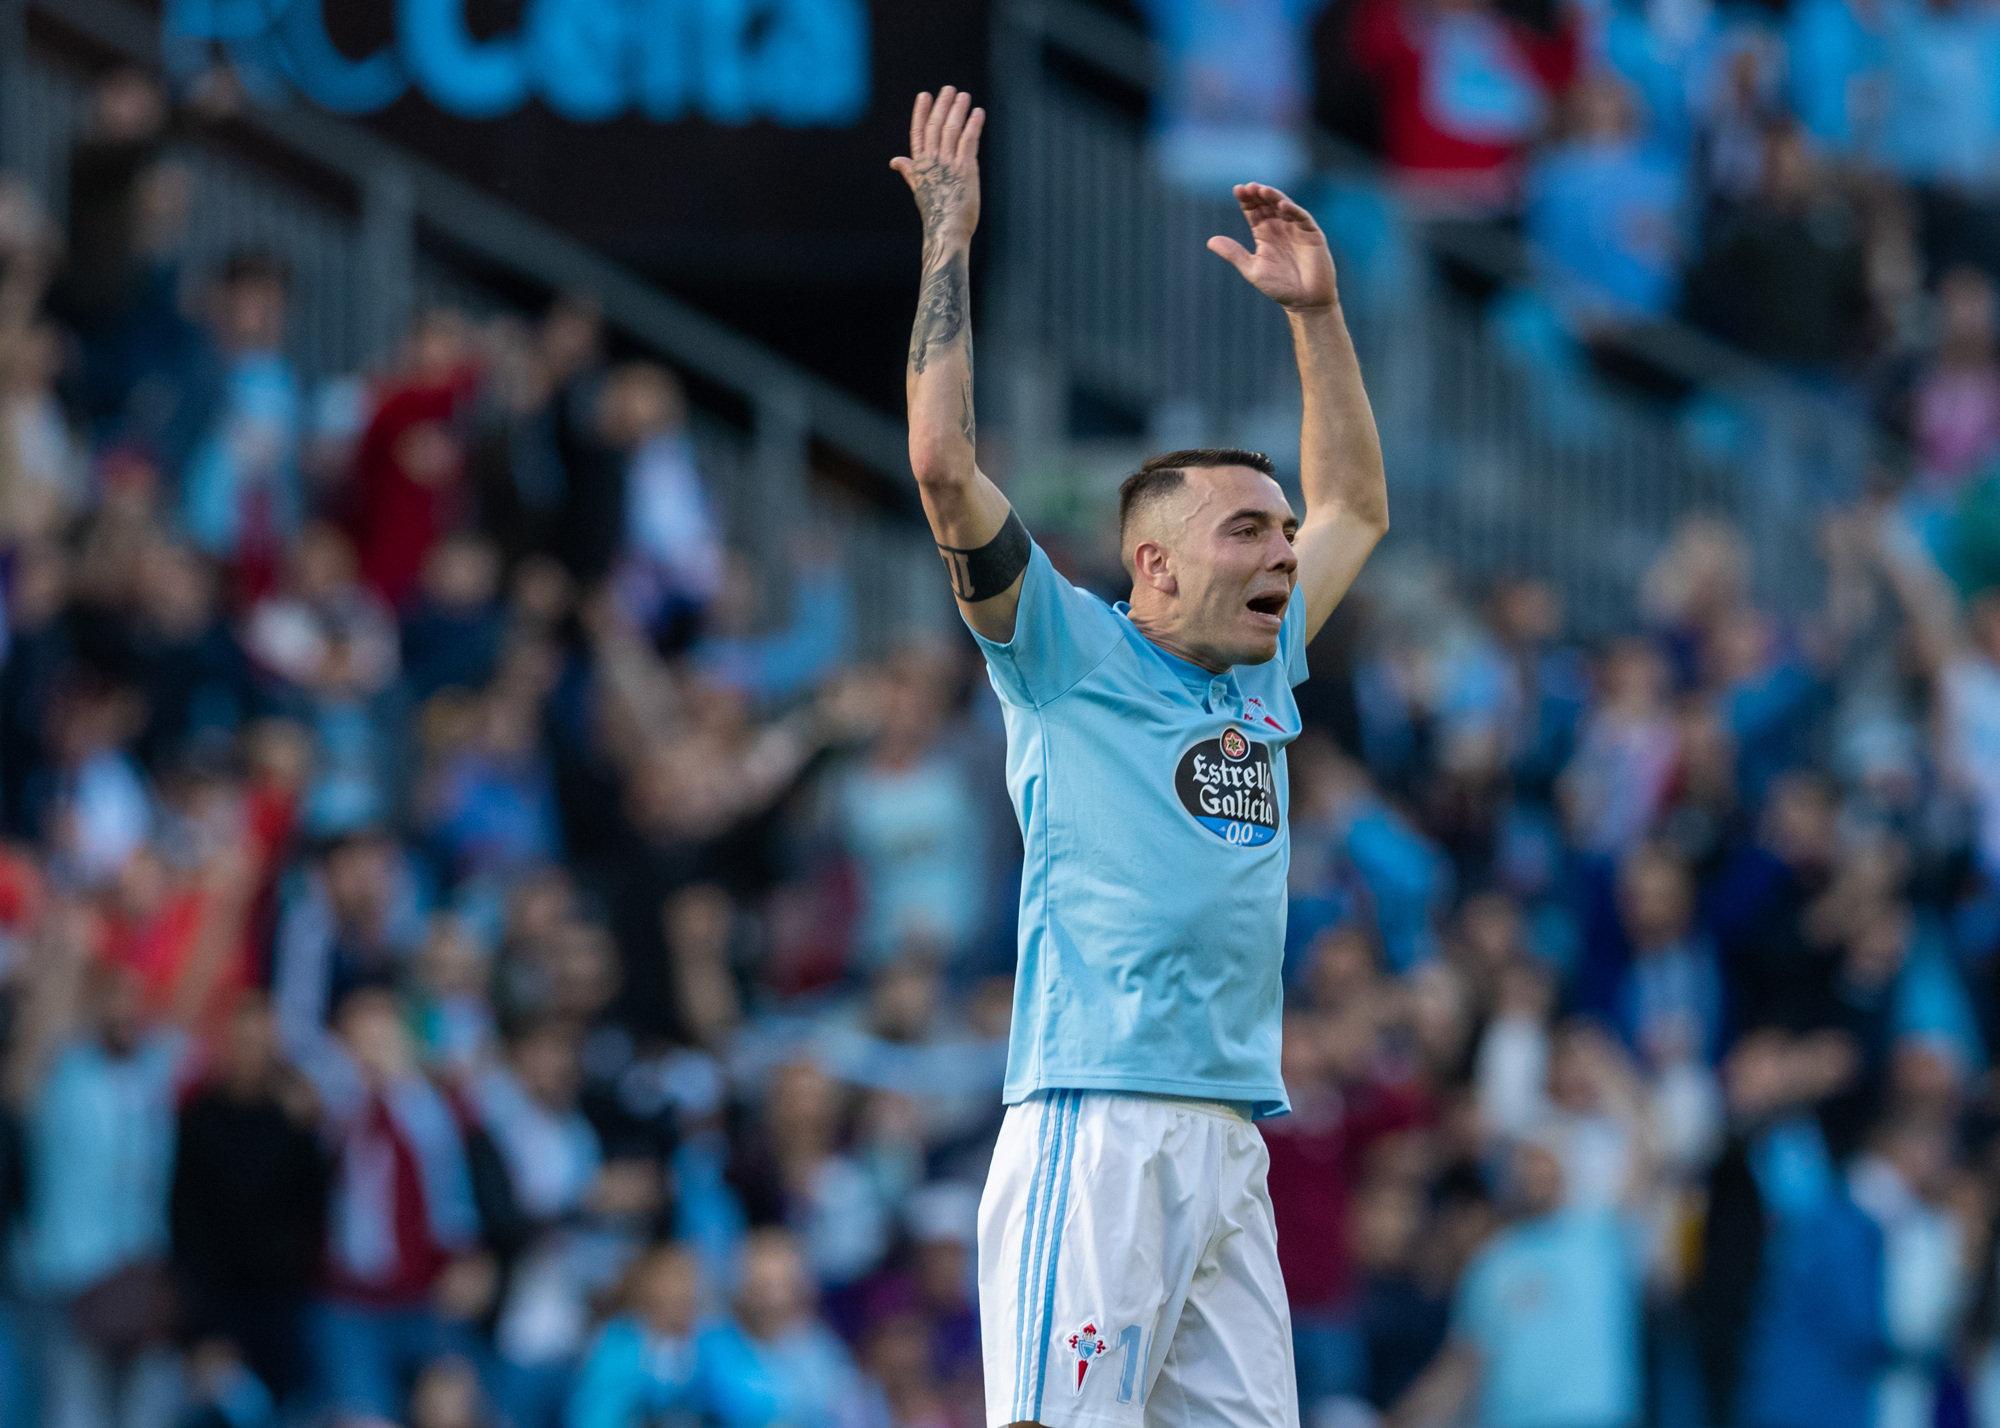 Iago Aspas anima a la afición de Balaídos en el duelo del pasado fin de semana ante el Villarreal.